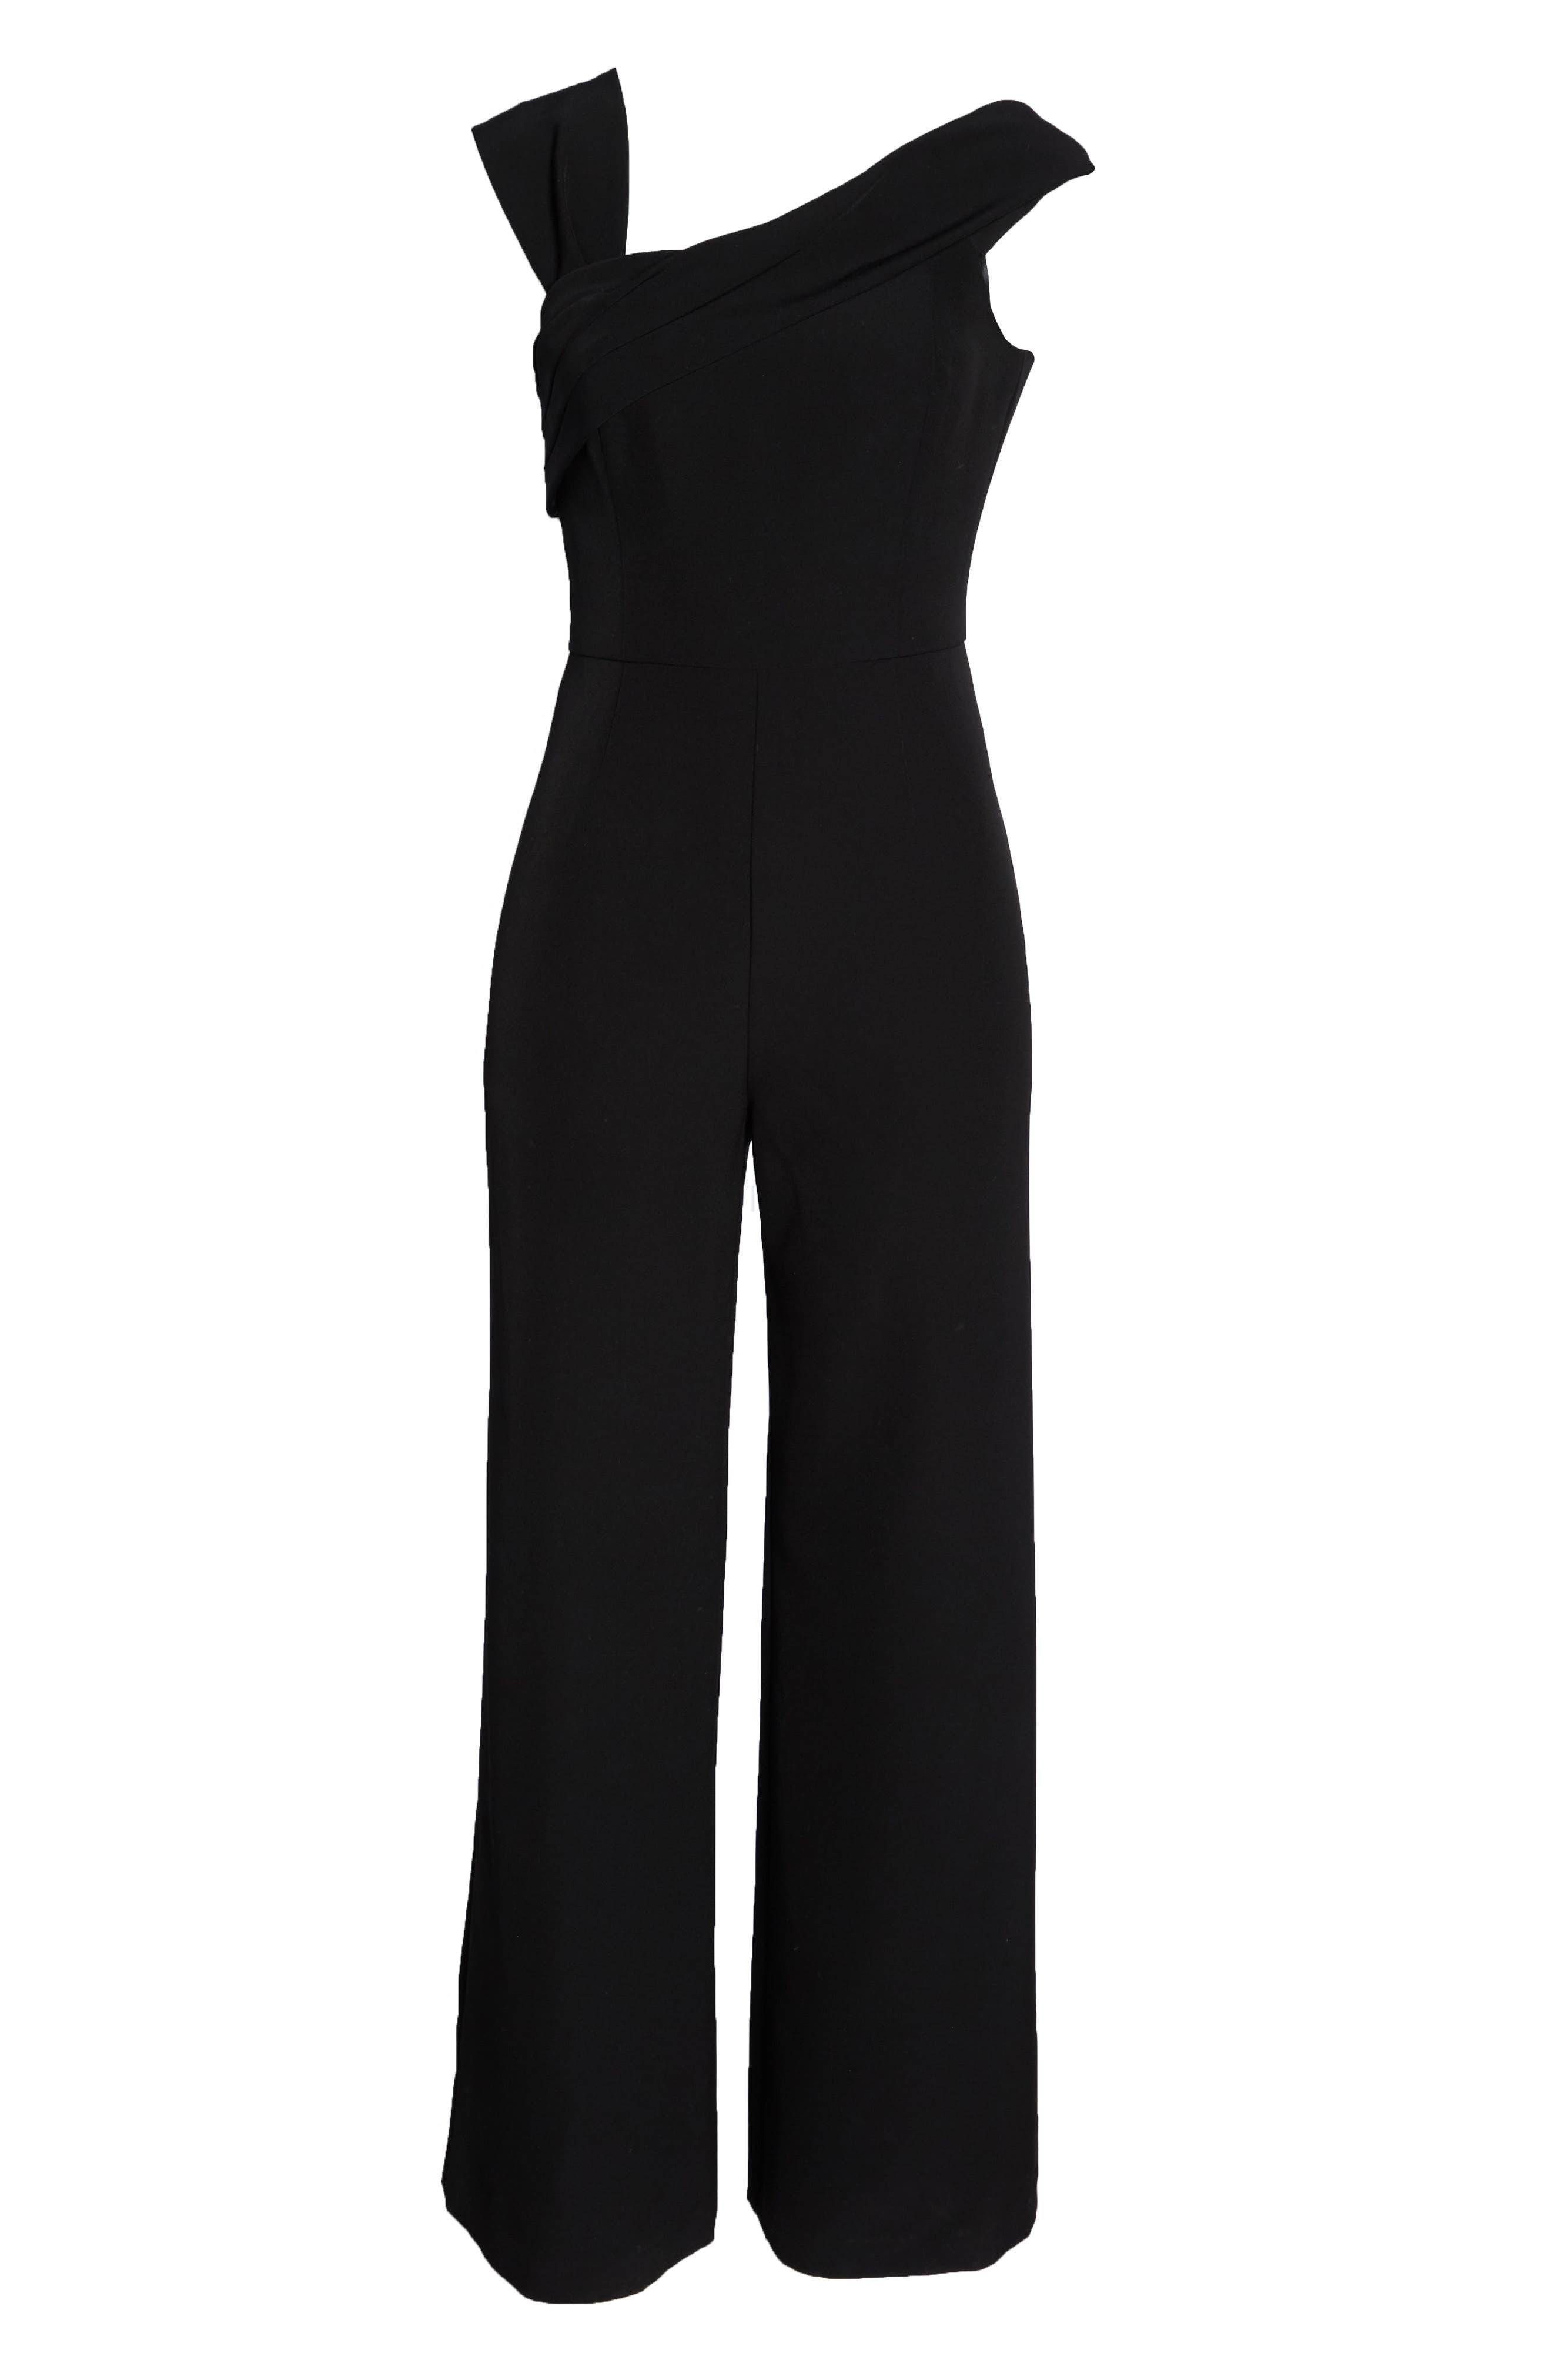 ELIZA J, Asymmetrical Neckline Jumpsuit, Alternate thumbnail 7, color, BLACK